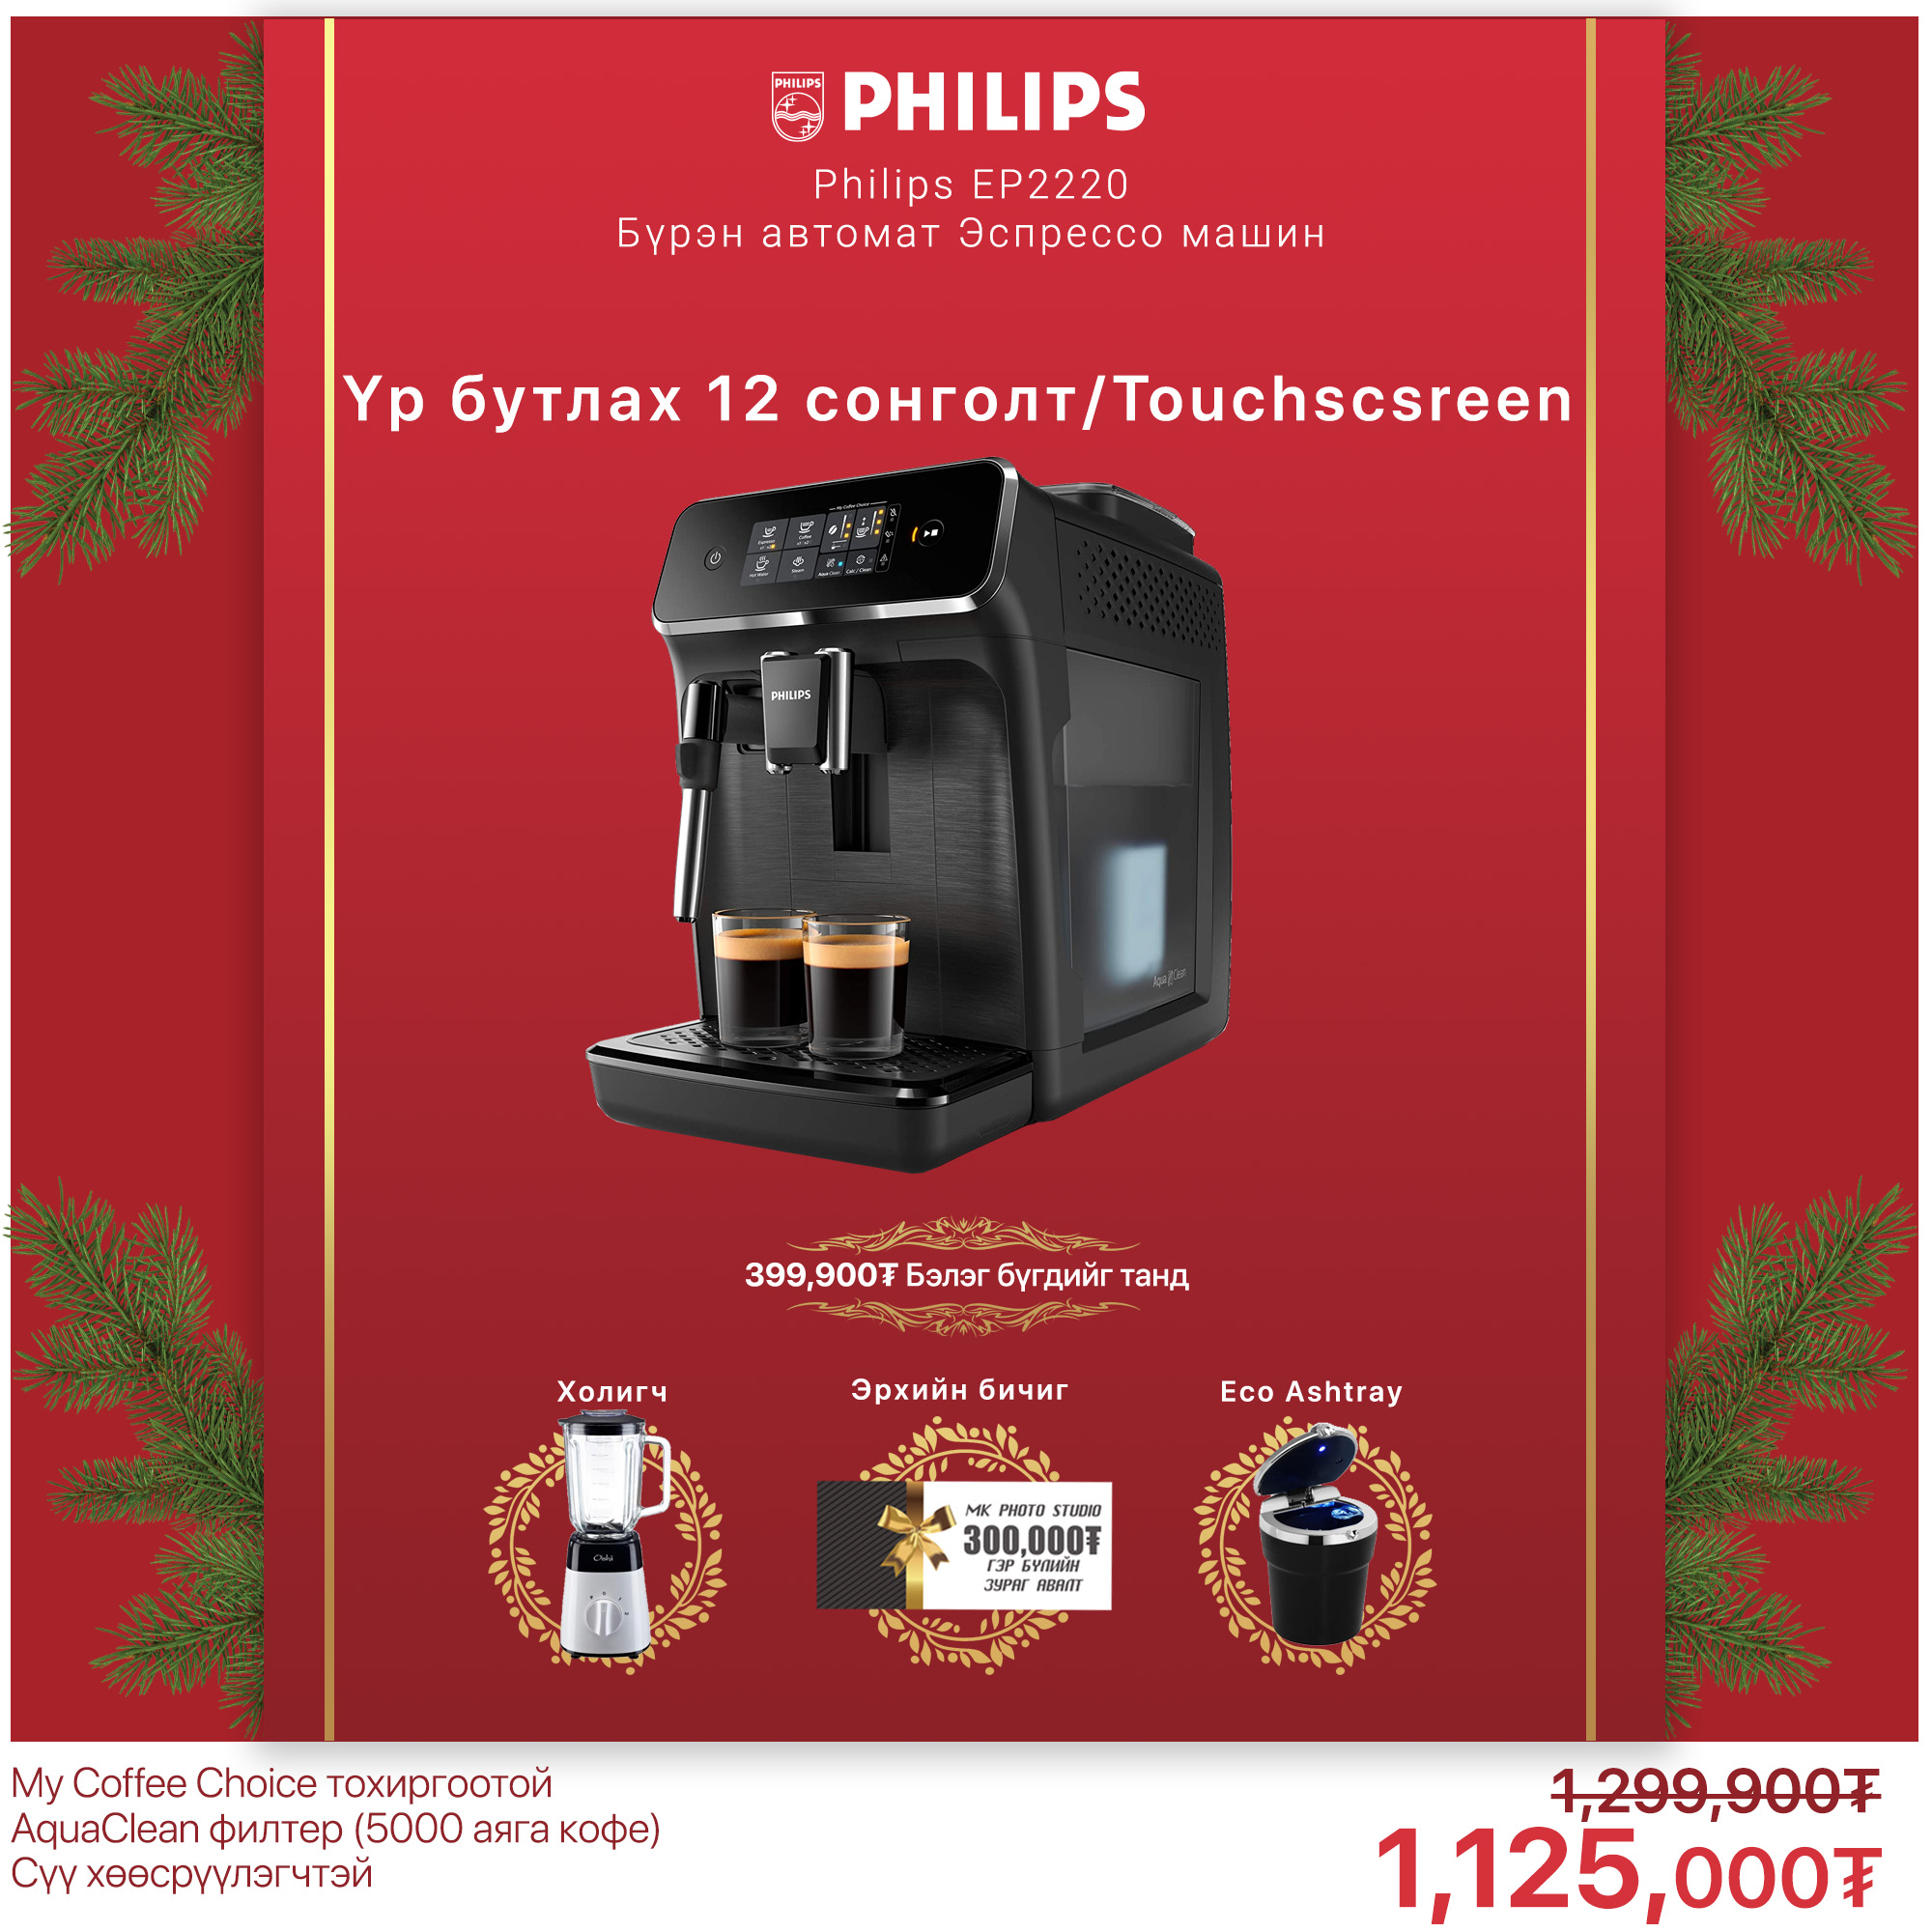 Philips EP2220